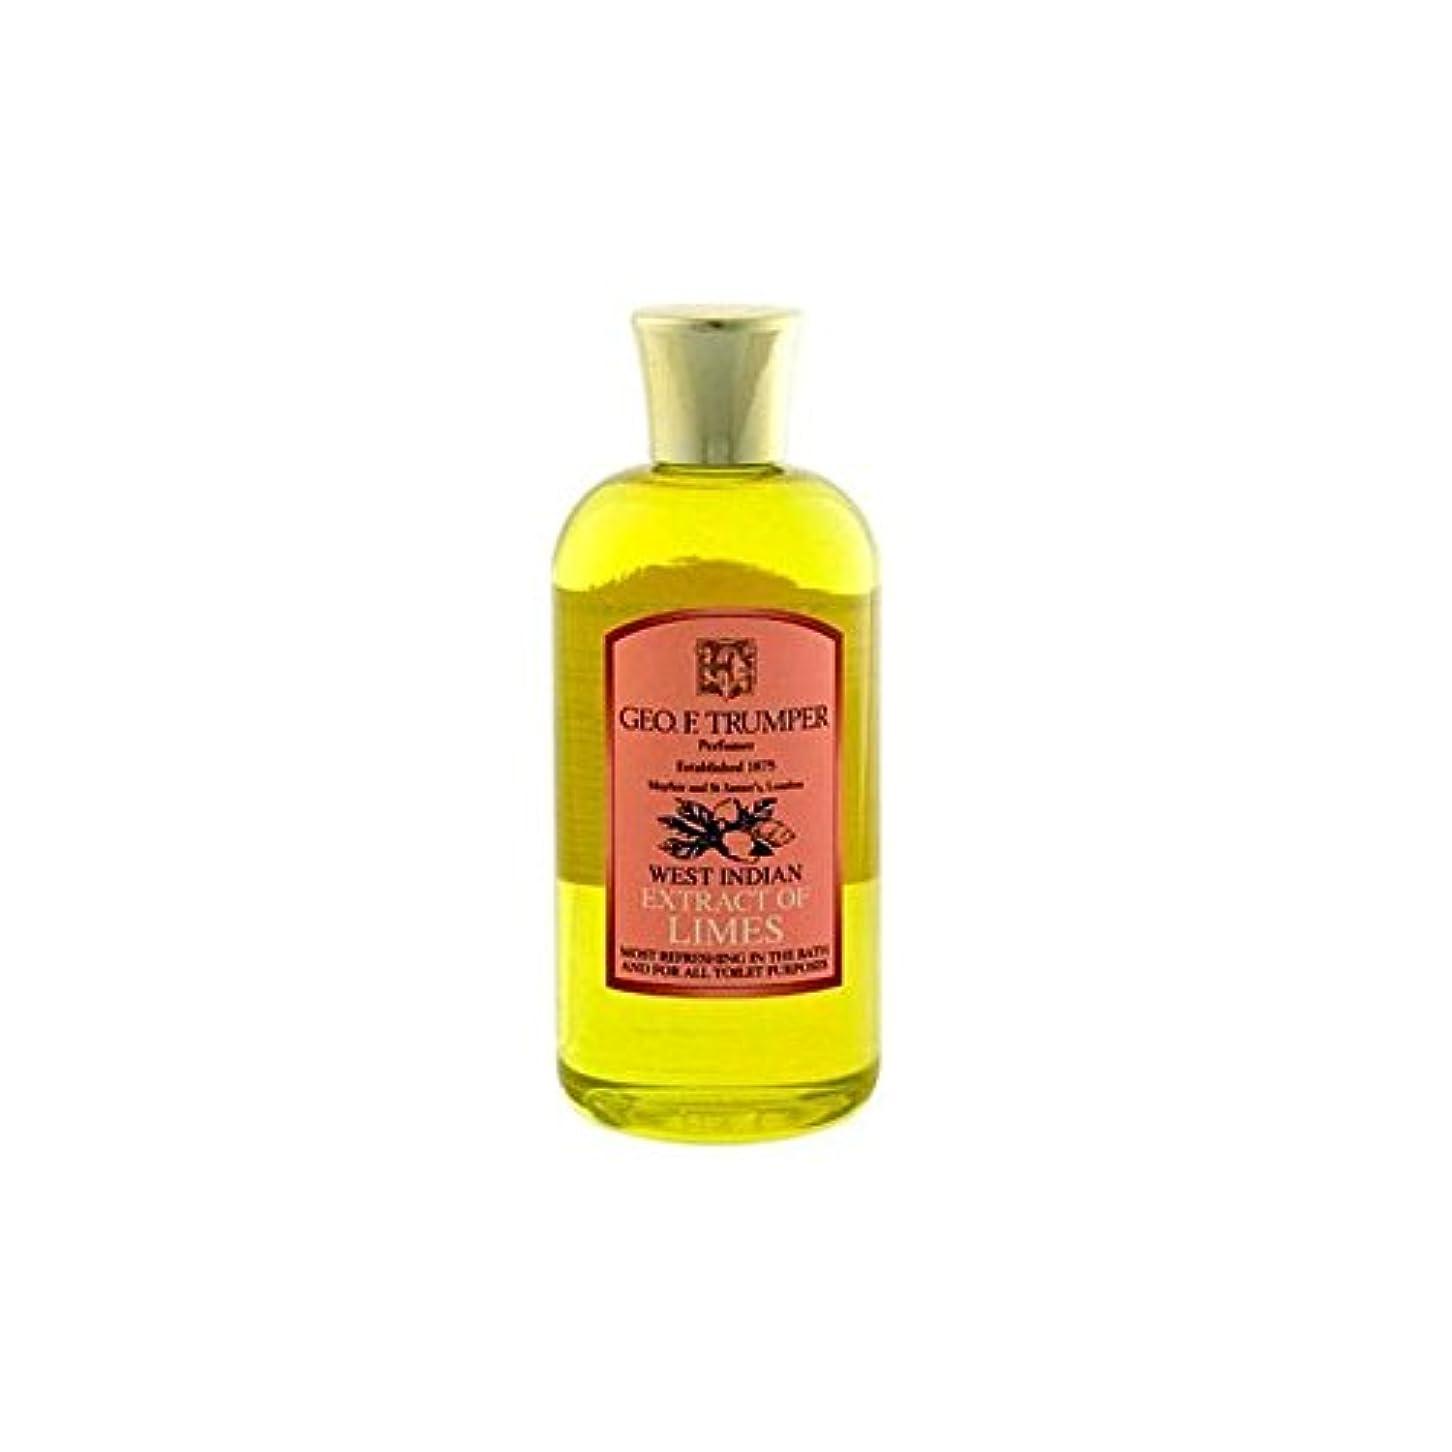 本を読むレンジ阻害するライムのバスタブとシャワージェル200の抽出物を x4 - Trumpers Extracts of Limes Bath and Shower Gel 200ml (Pack of 4) [並行輸入品]